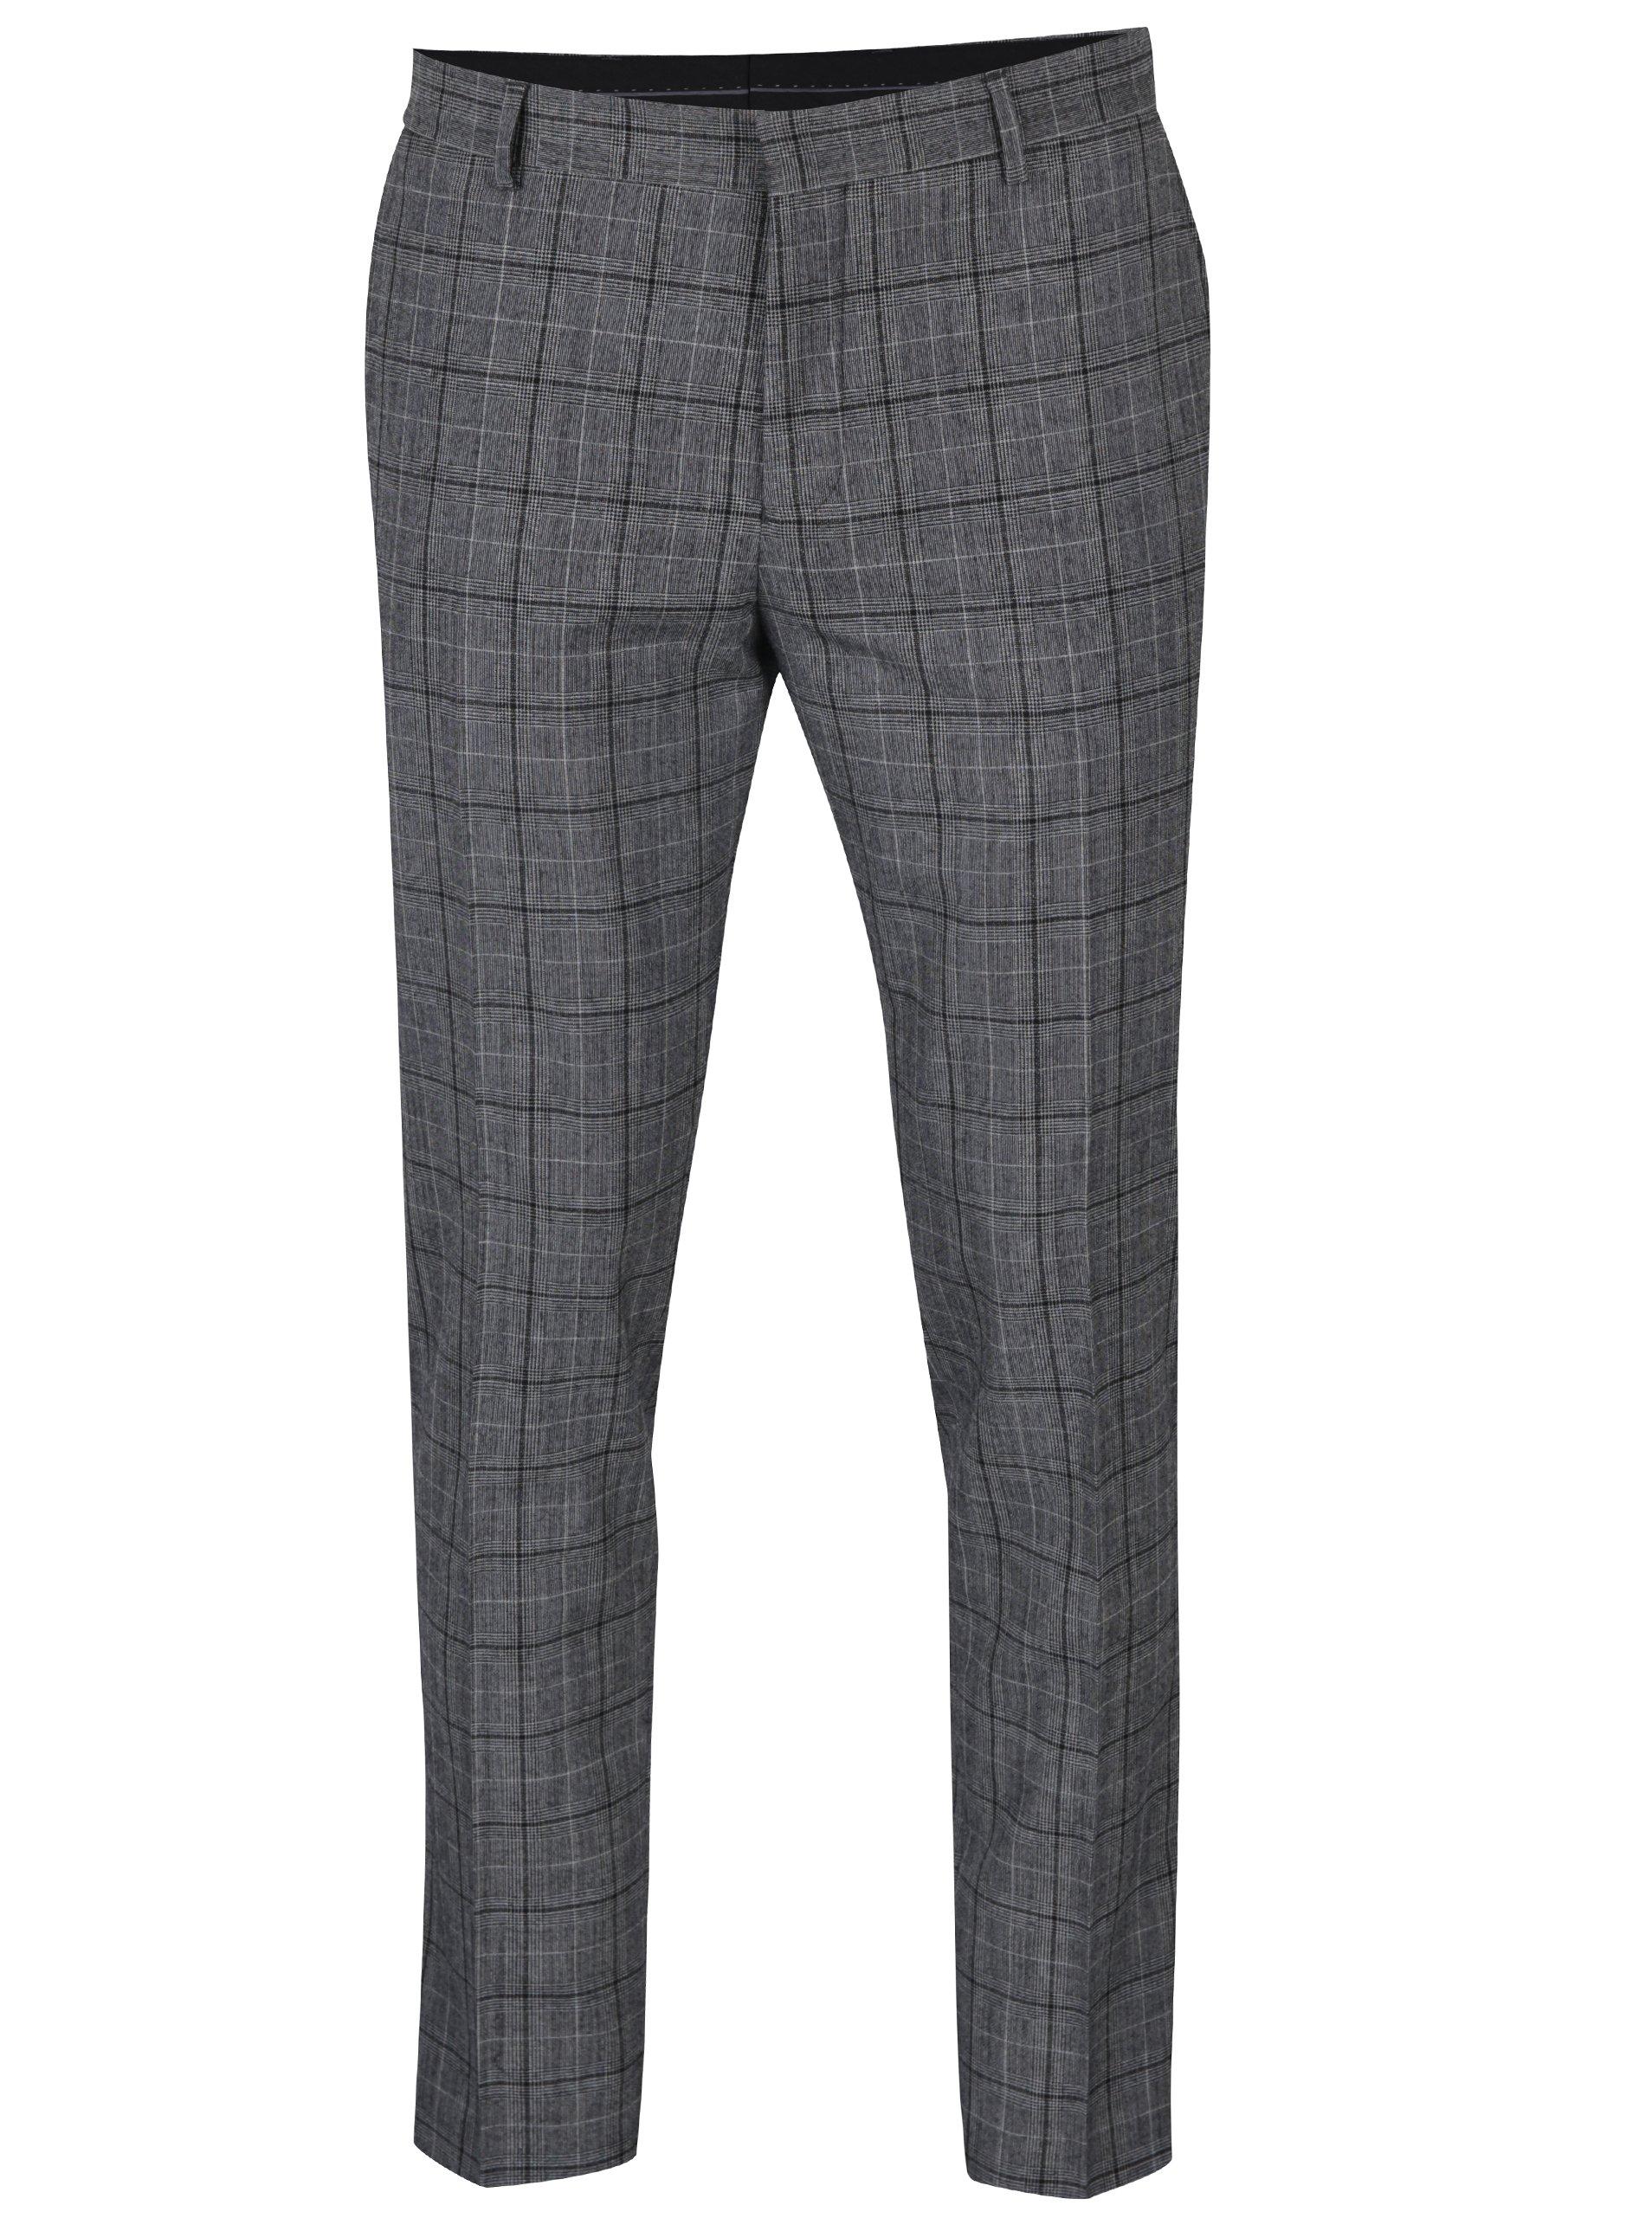 Šedé oblekové vlněné kalhoty Jack & Jones Premium Ranton